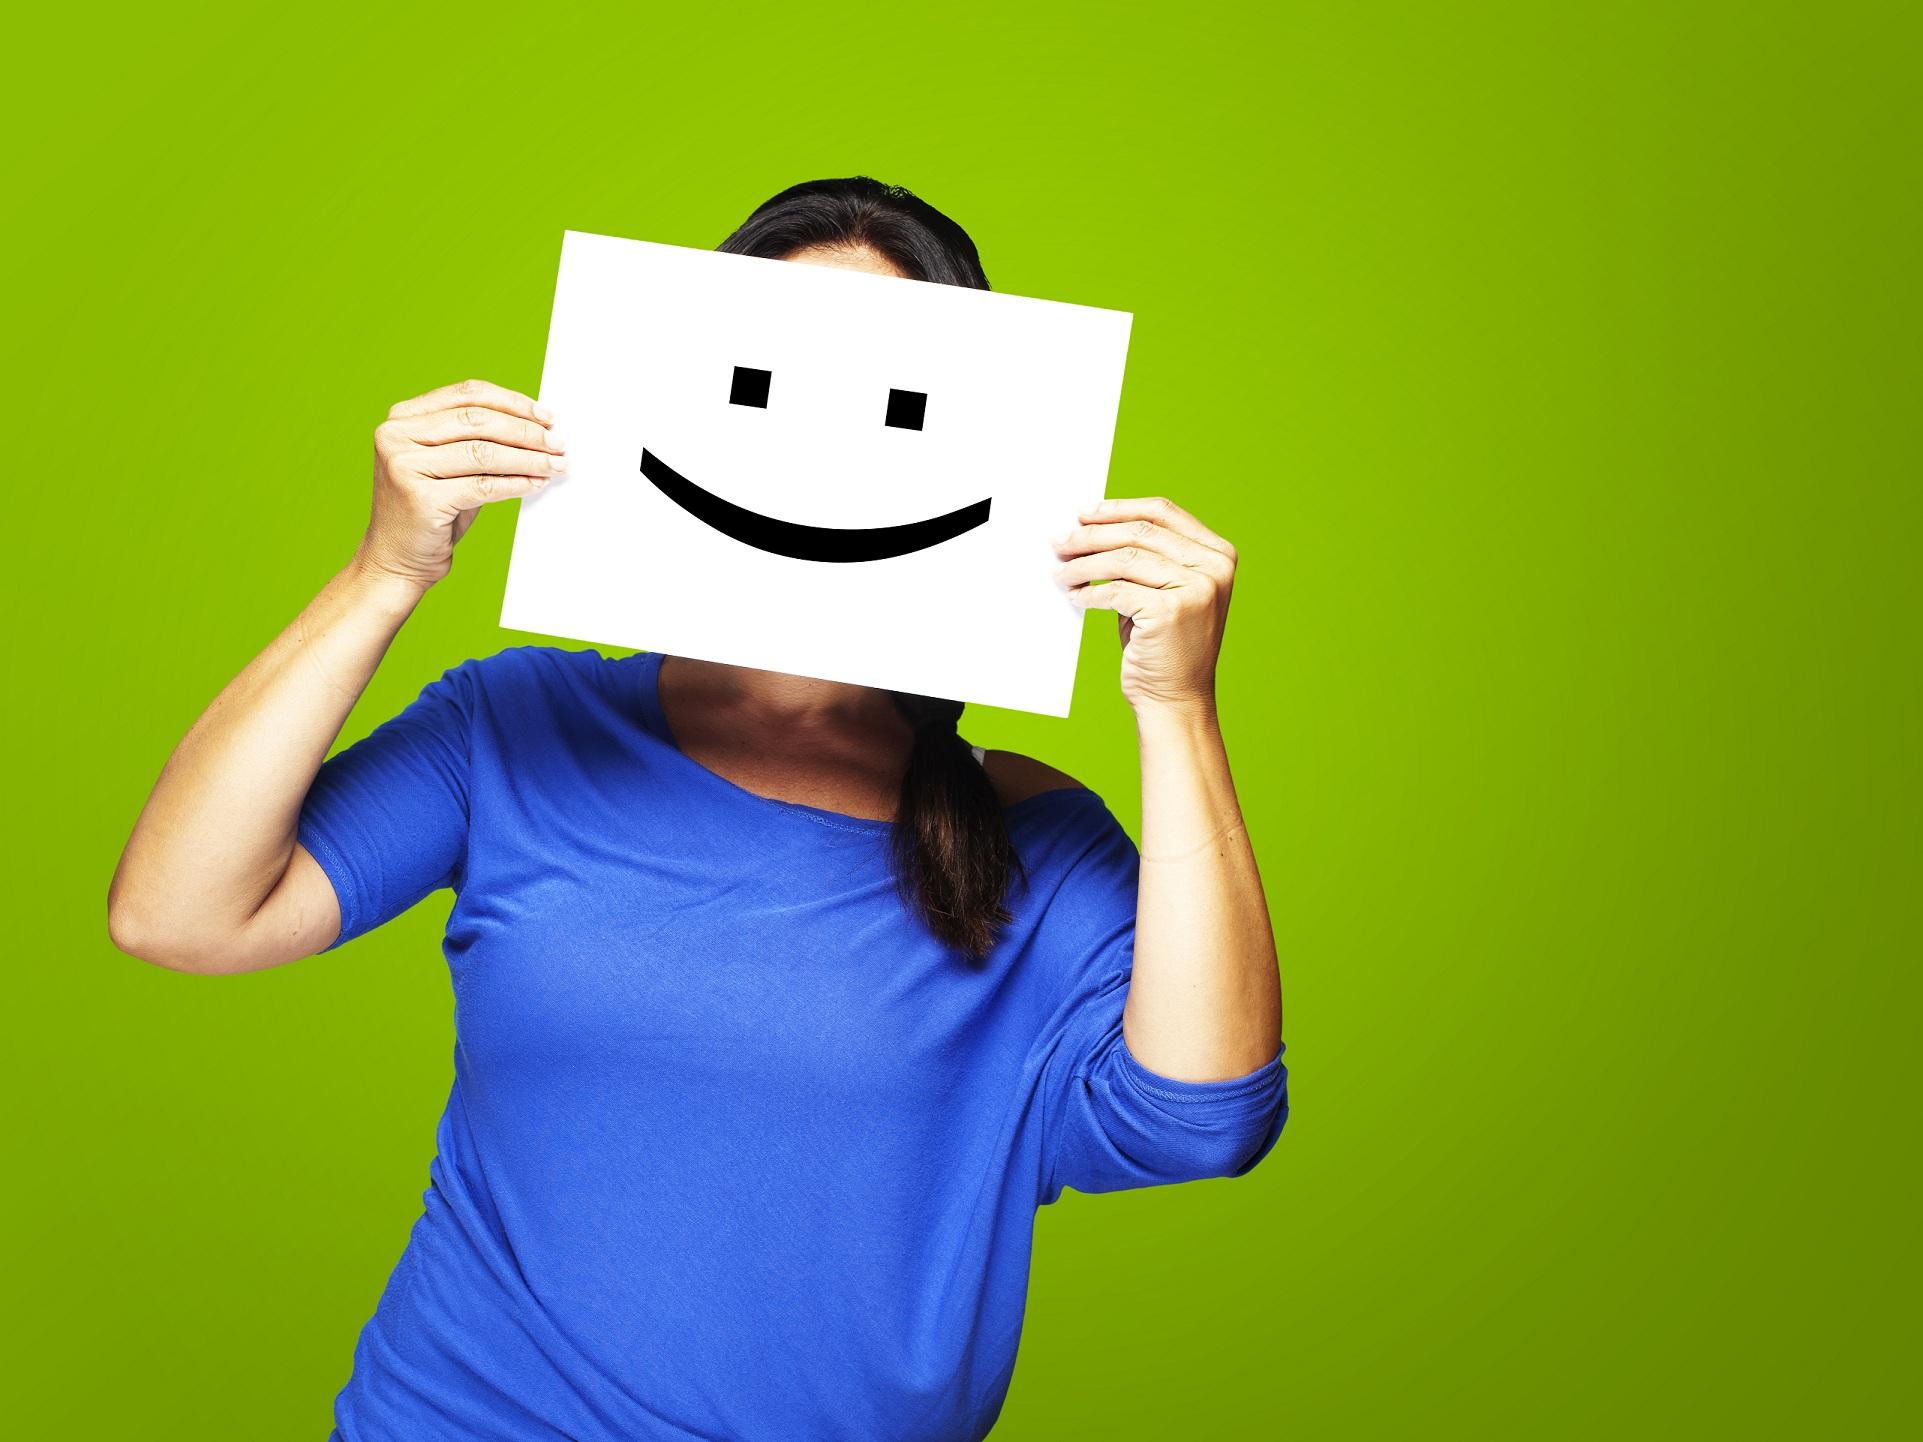 χαμογελάστε, είναι μεταδοτικό